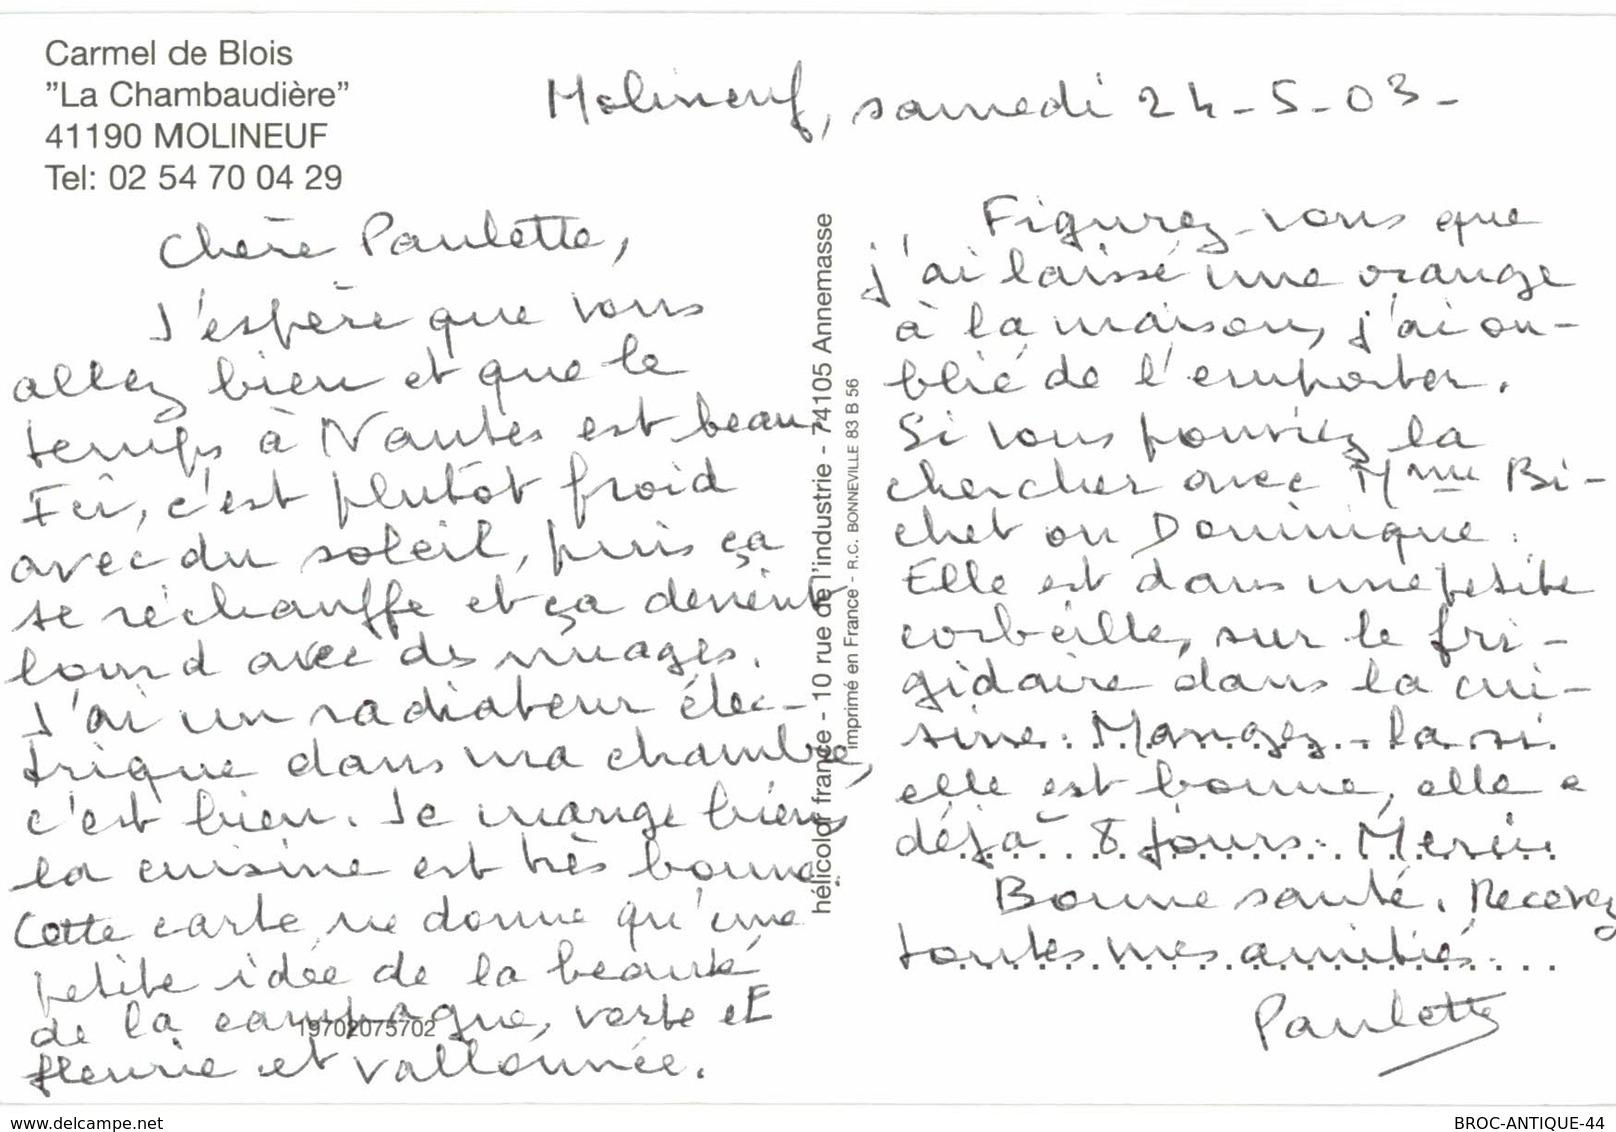 CPM* N°515 - LOT DE 2 CARTES DE MOLINEUF - CARMEL DE BLOIS - LA CHAMBAUDIERE + VUE AERIENNE - Andere Gemeenten